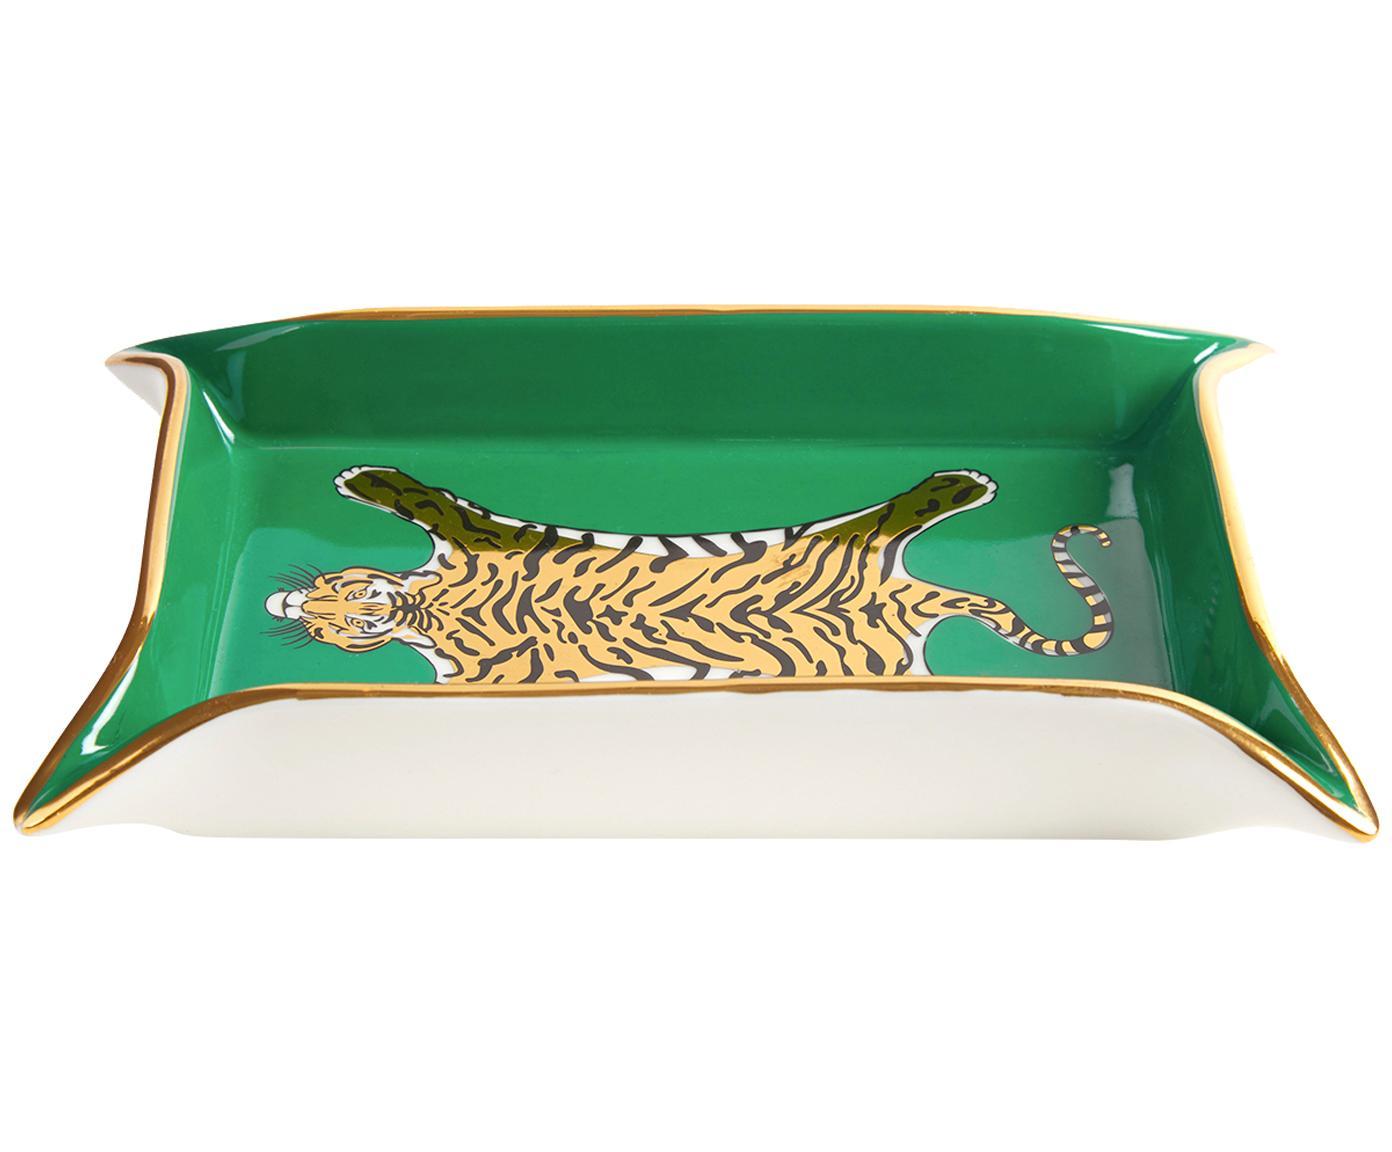 Miska Tiger, Porcelana, pozłacane akcenty, Wewnątrz: zielony, złoty, beżowy<br>Na zewnątrz: biały, 18 x 13 cm